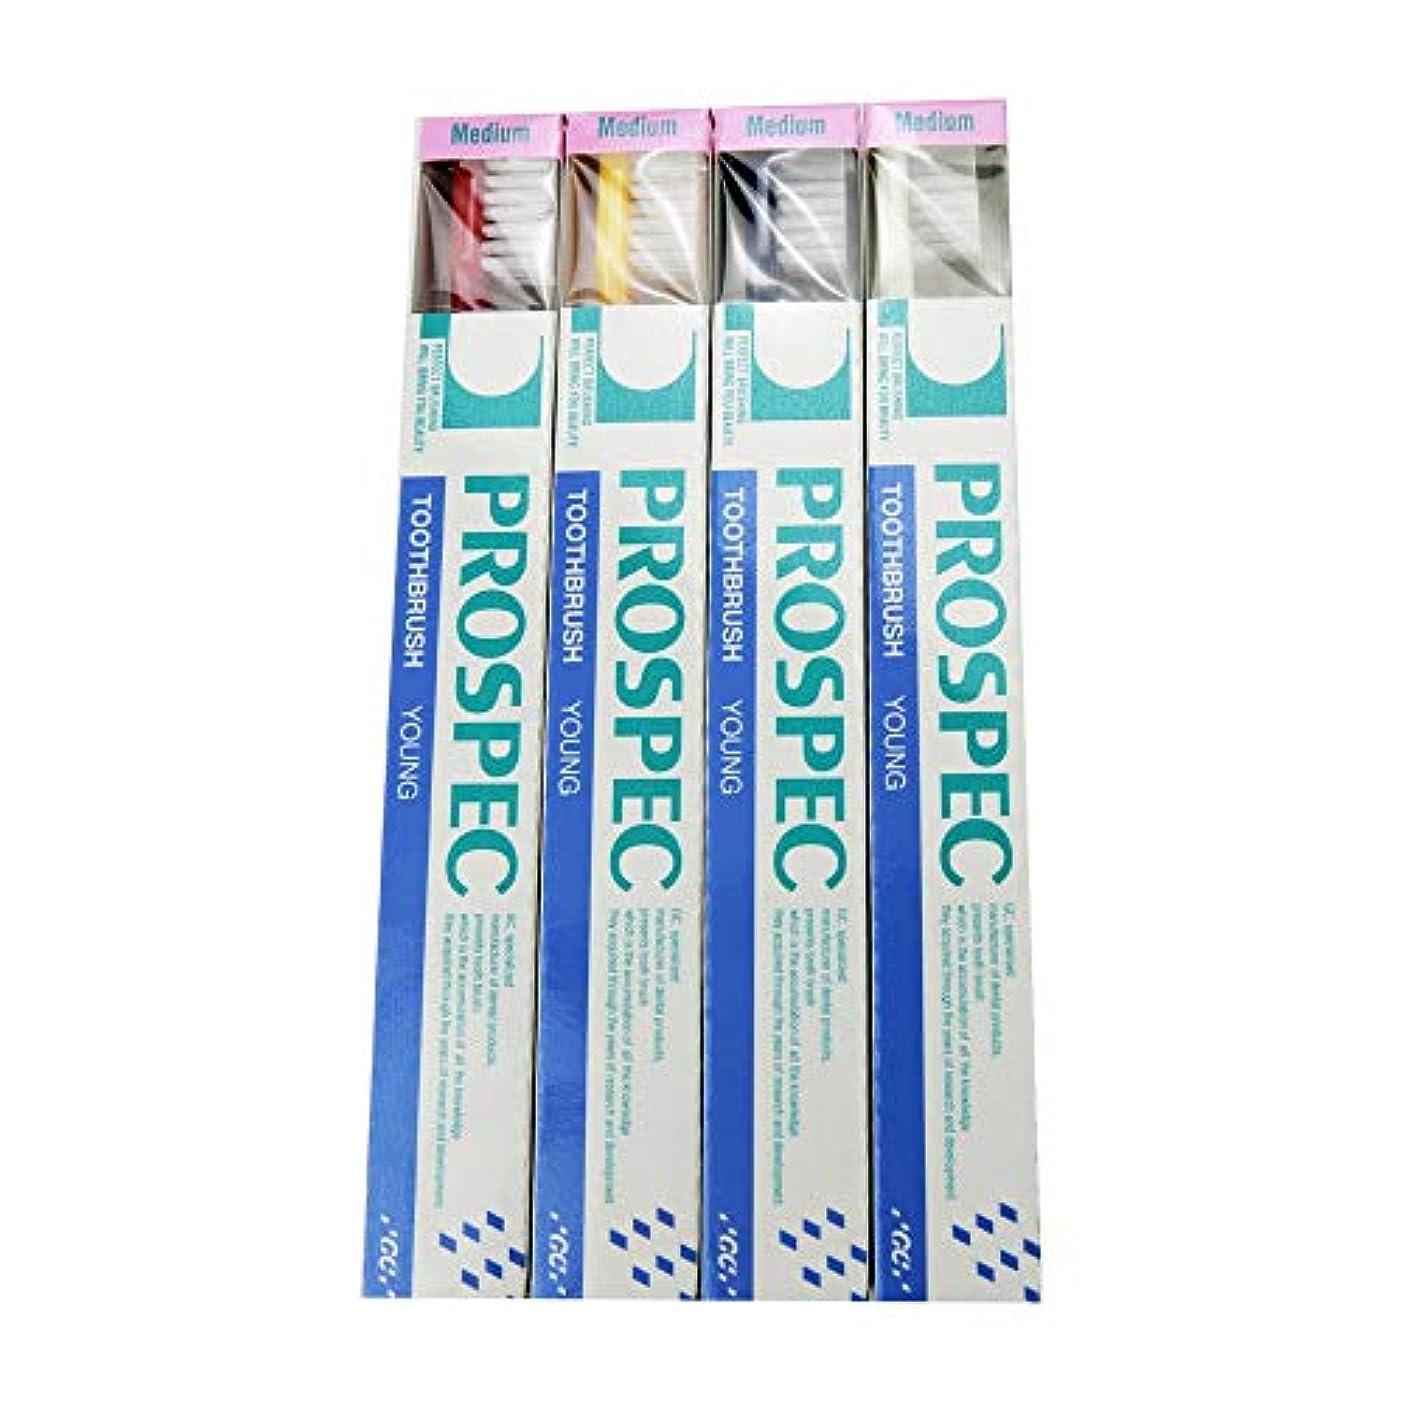 病的サービス宇宙飛行士プロスペック 歯ブラシ ヤング × 5本セット 普通色 (M ふつう) PROSPEC 歯科専売品